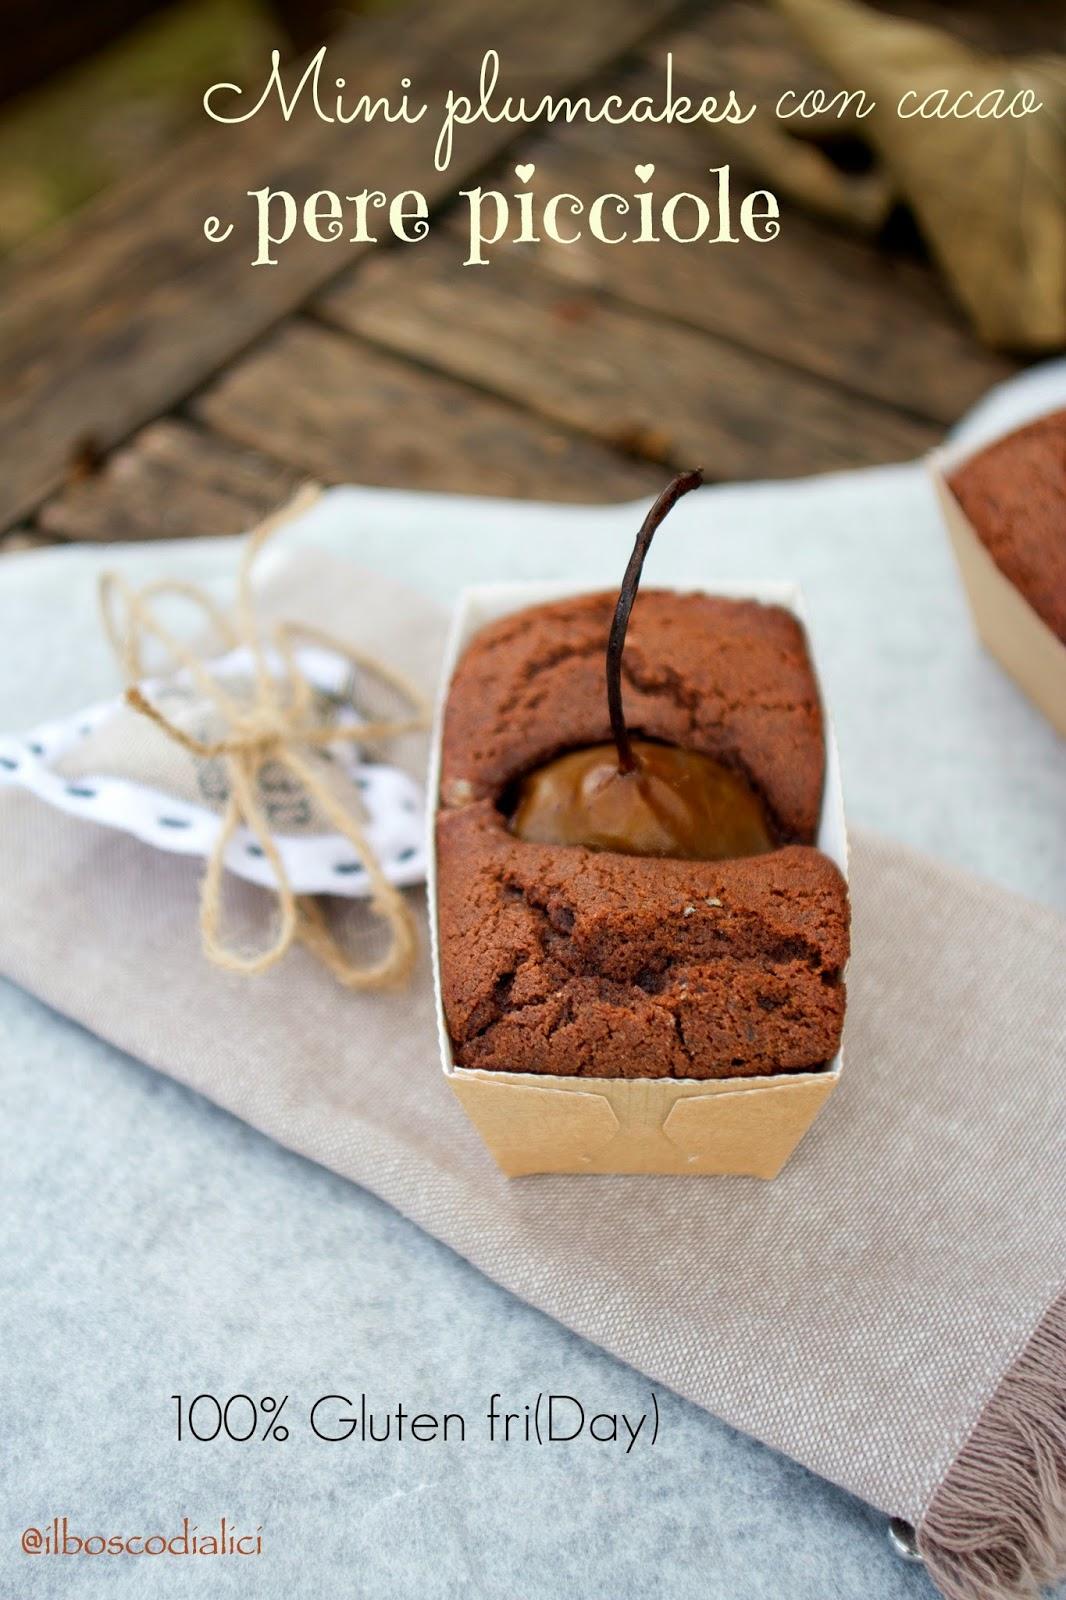 mini plumcakes con cacao e pere picciole sciroppate